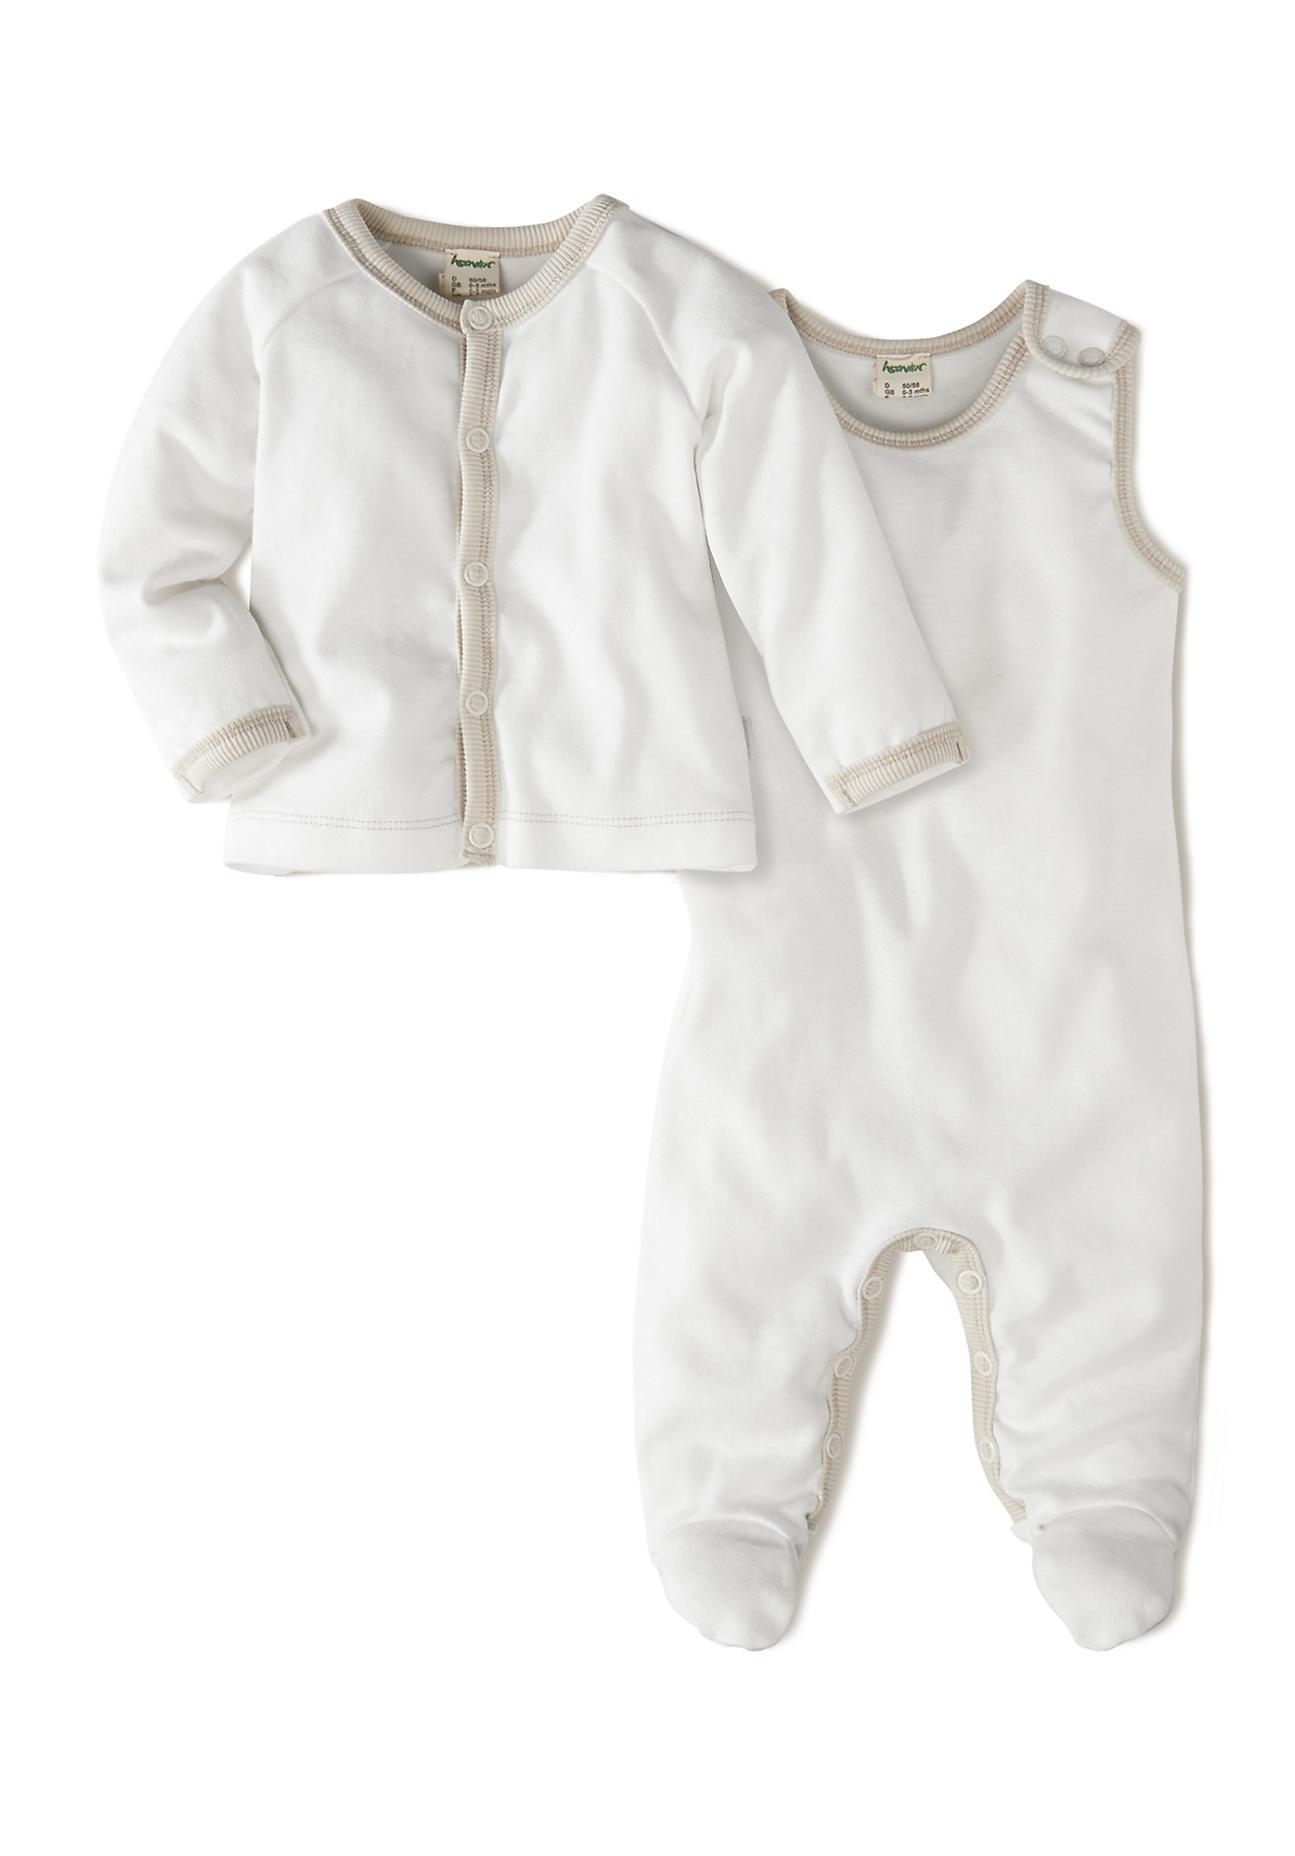 Image of hessnatur Baby Erstlingsausstattung aus Bio-Baumwolle – weiß – Größe 50/56